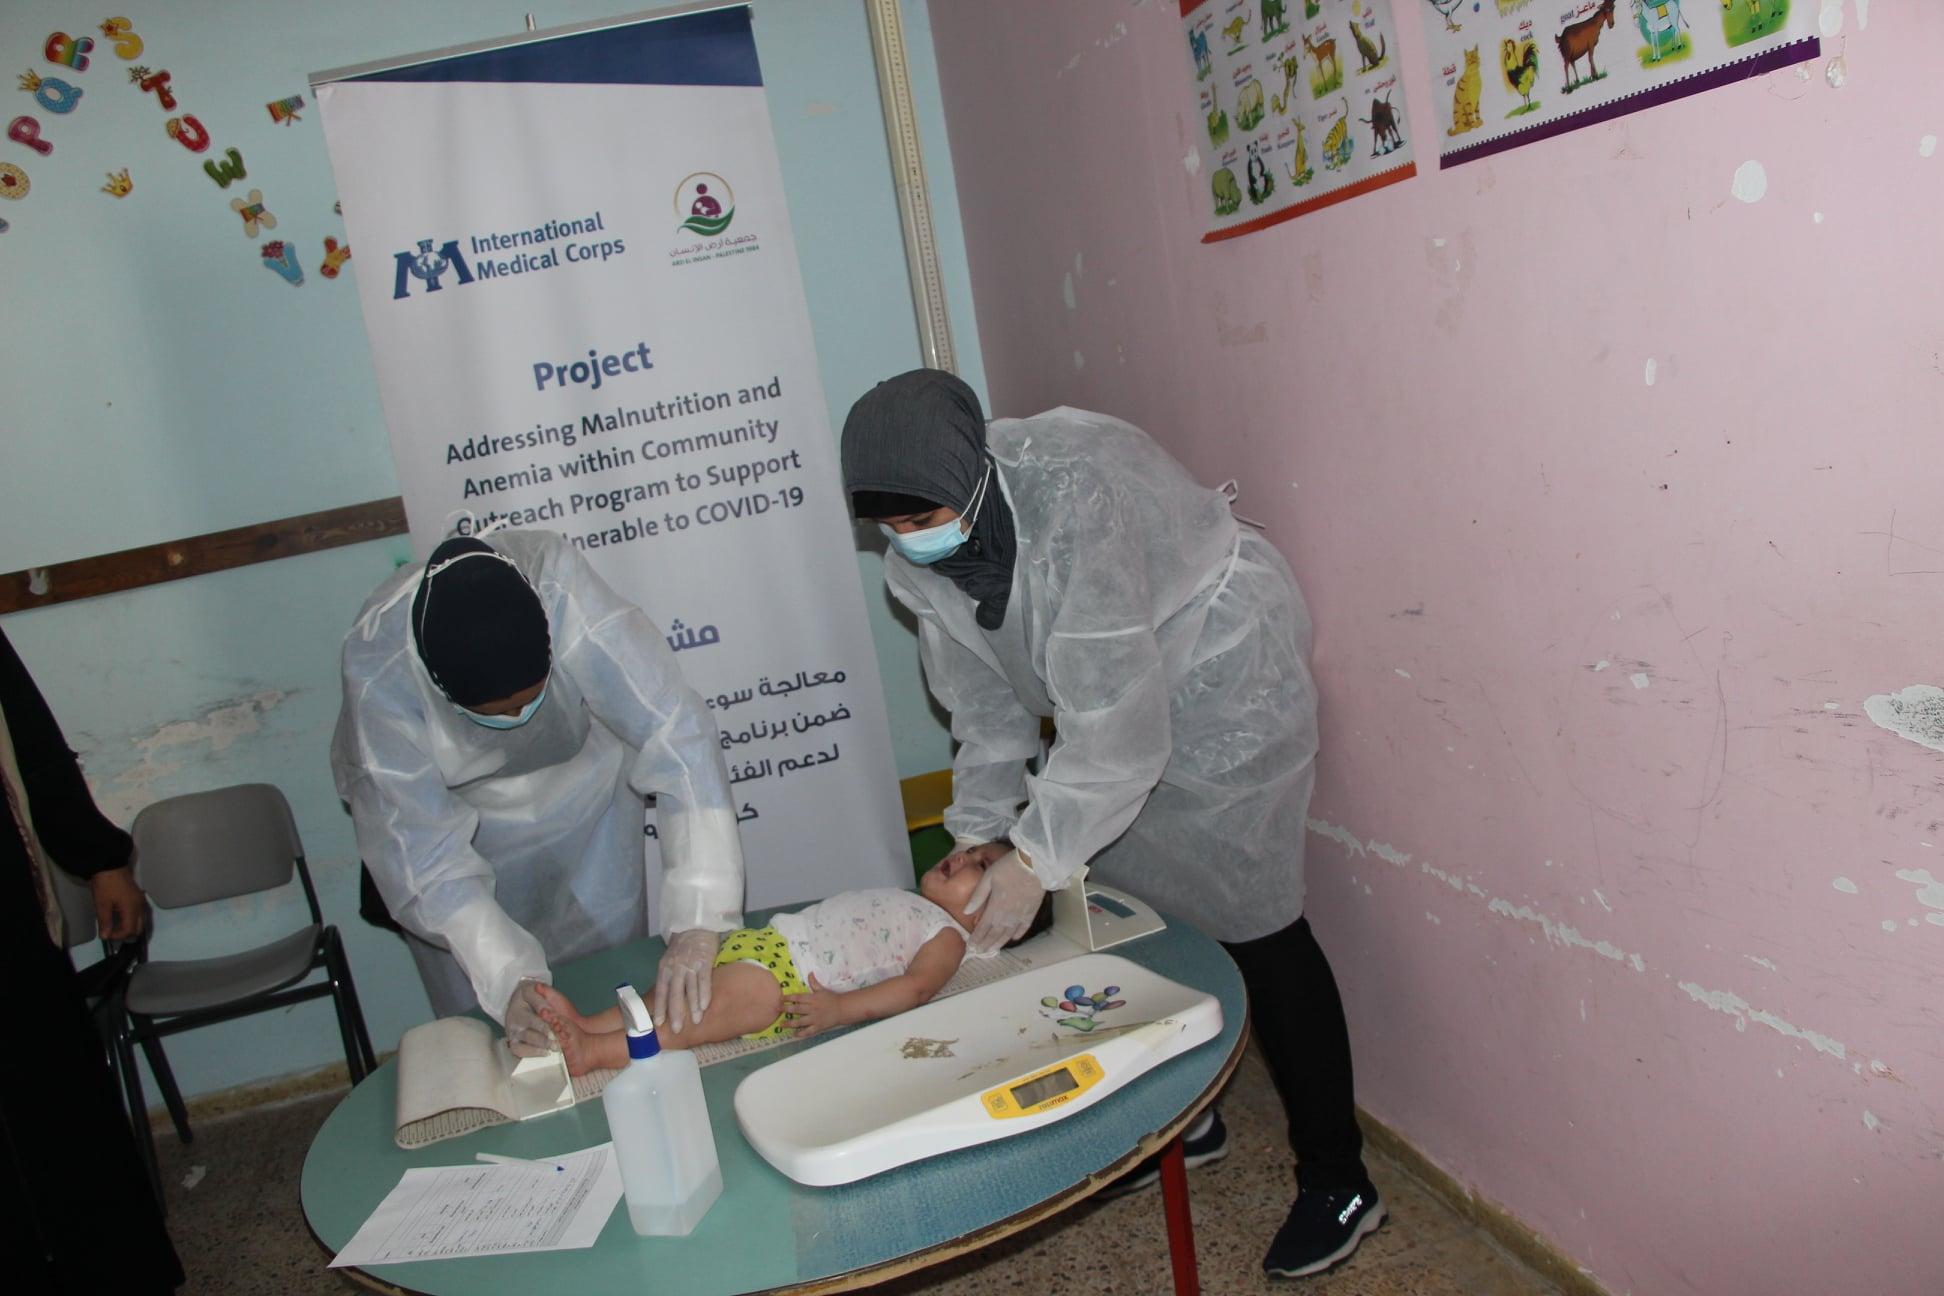 جمعية أرض الانسان الفلسطينية تواصل تنفذ أنشطة مشروع دعم الأطفال الذين يعانون من سوء التغذية والانيميا خلال كوفيد 19